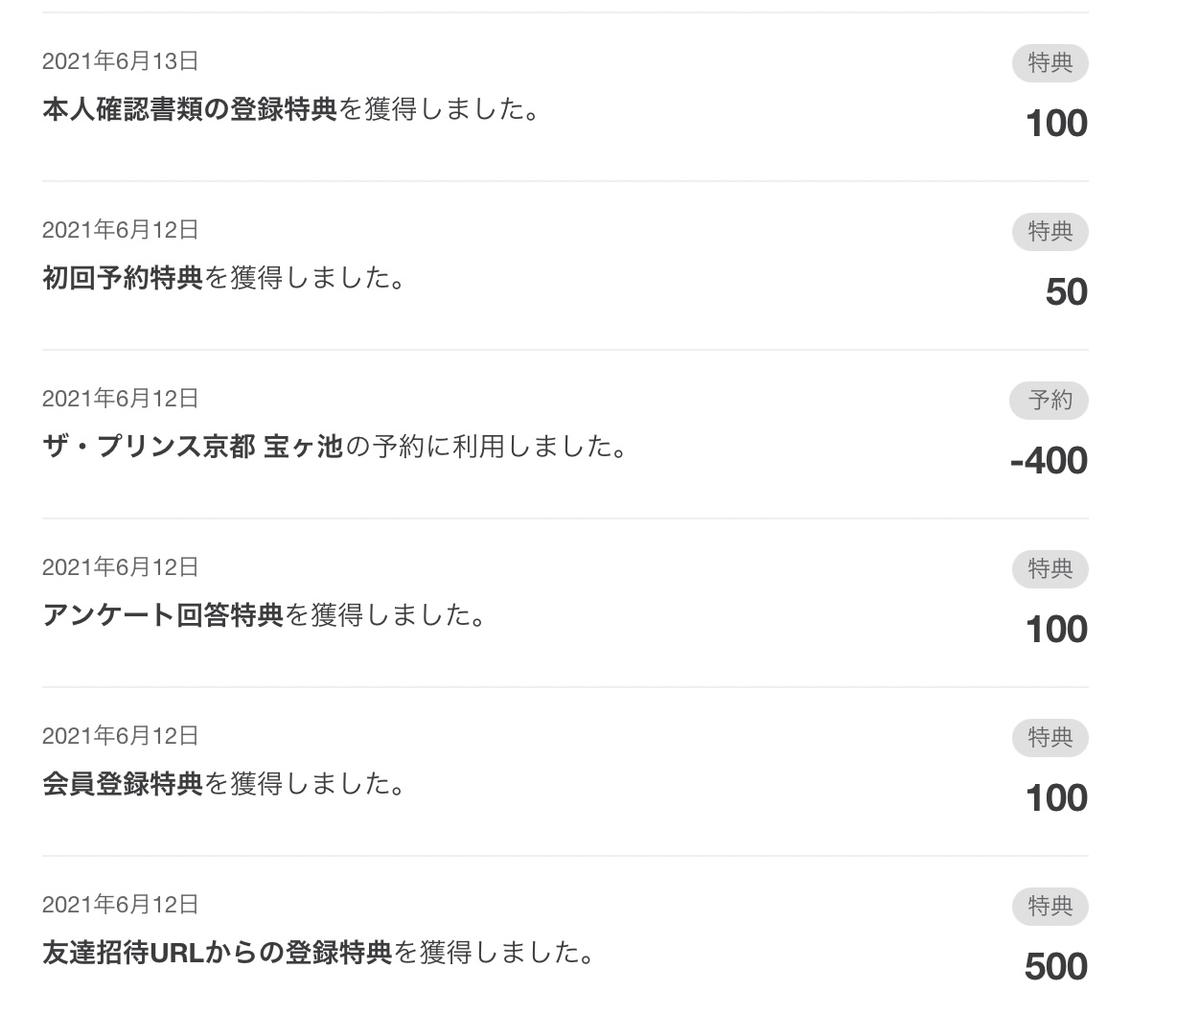 f:id:tetsu7906:20210801070326j:plain